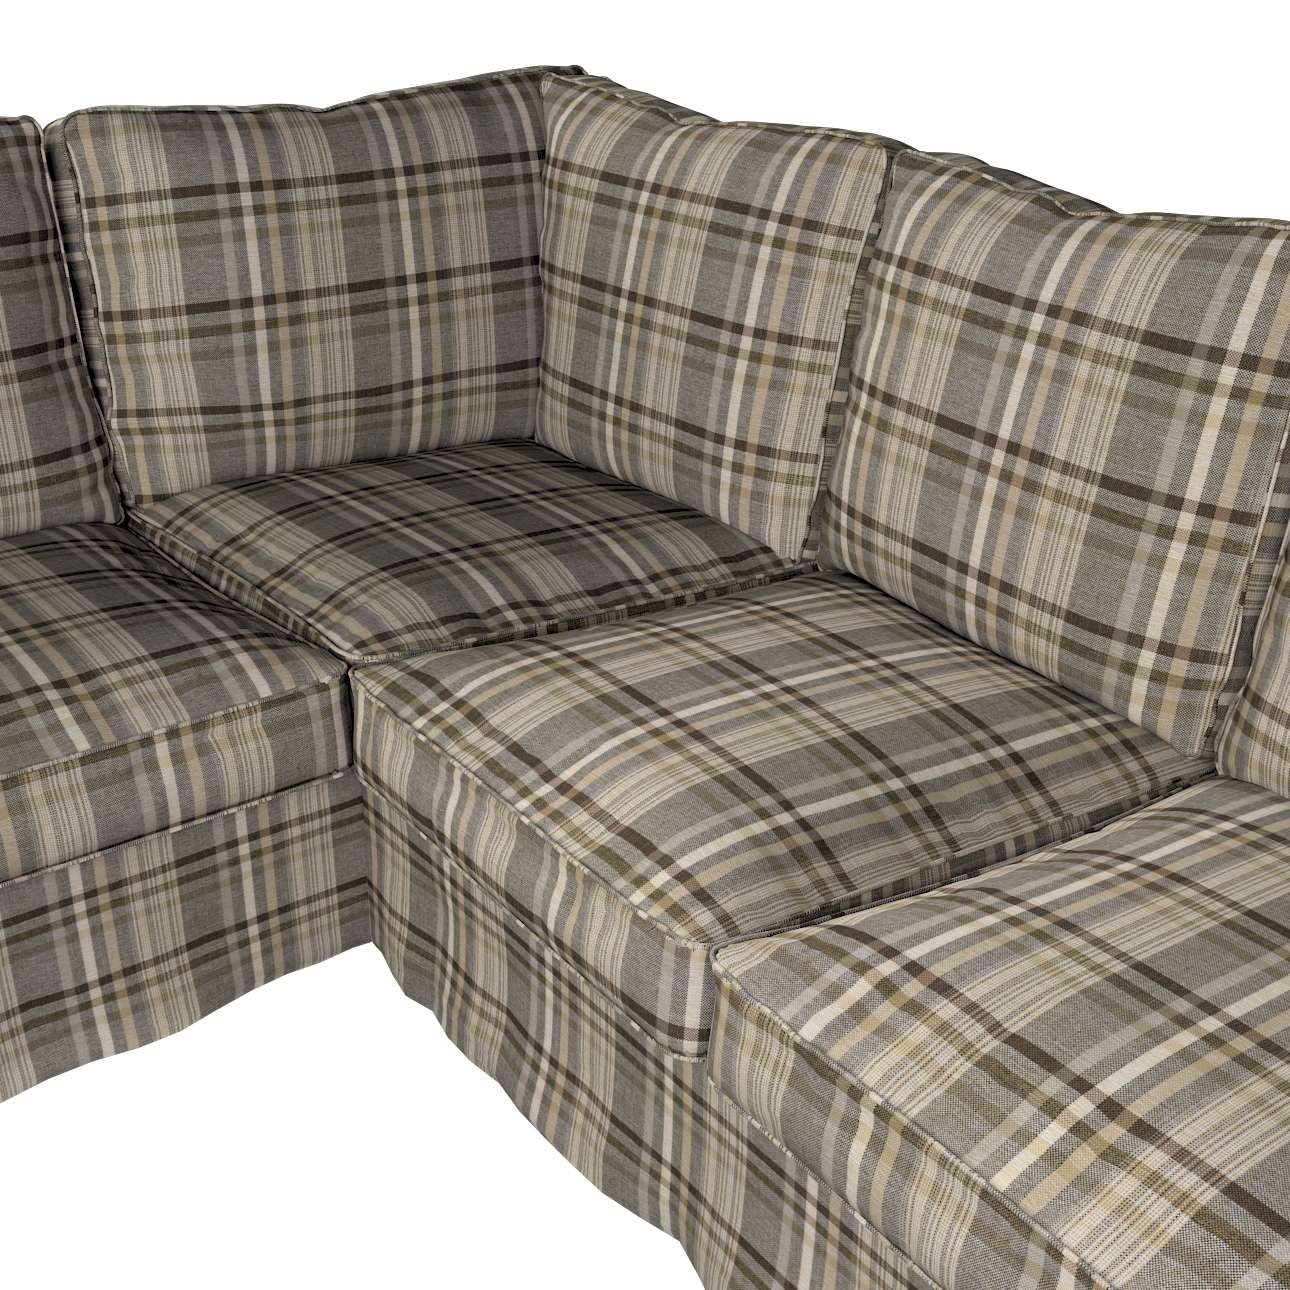 Pokrowiec Ektorp na sofę narożną w kolekcji Edinburgh, tkanina: 703-17